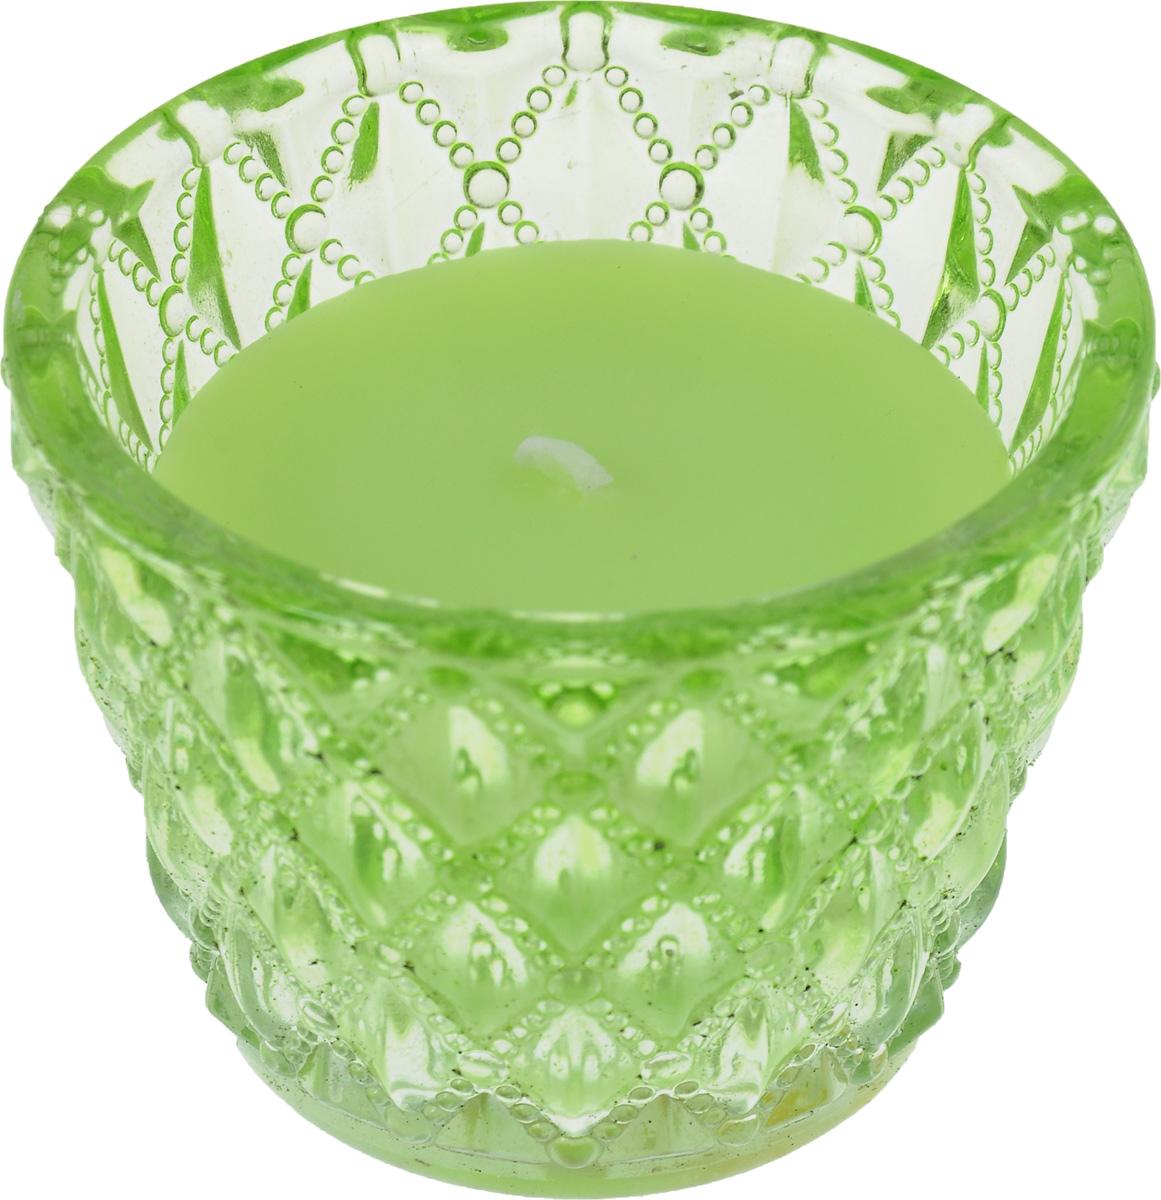 Свеча декоративная Феникс-презент Зеленый чай, ароматизированная41225Оригинальная ароматизированная свеча Феникс-презент Зеленый чай, изготовленная из парафина, помещена в стакан из стекла с рельефной поверхностью. Свеча наполнит вашу комнату приятным цветочным ароматом и создаст уютную атмосферу. Вы можете поставить свечу в любом месте, где она будет удачно смотреться и радовать глаз. Кроме того, эта свеча - отличный вариант подарка для ваших близких и друзей.